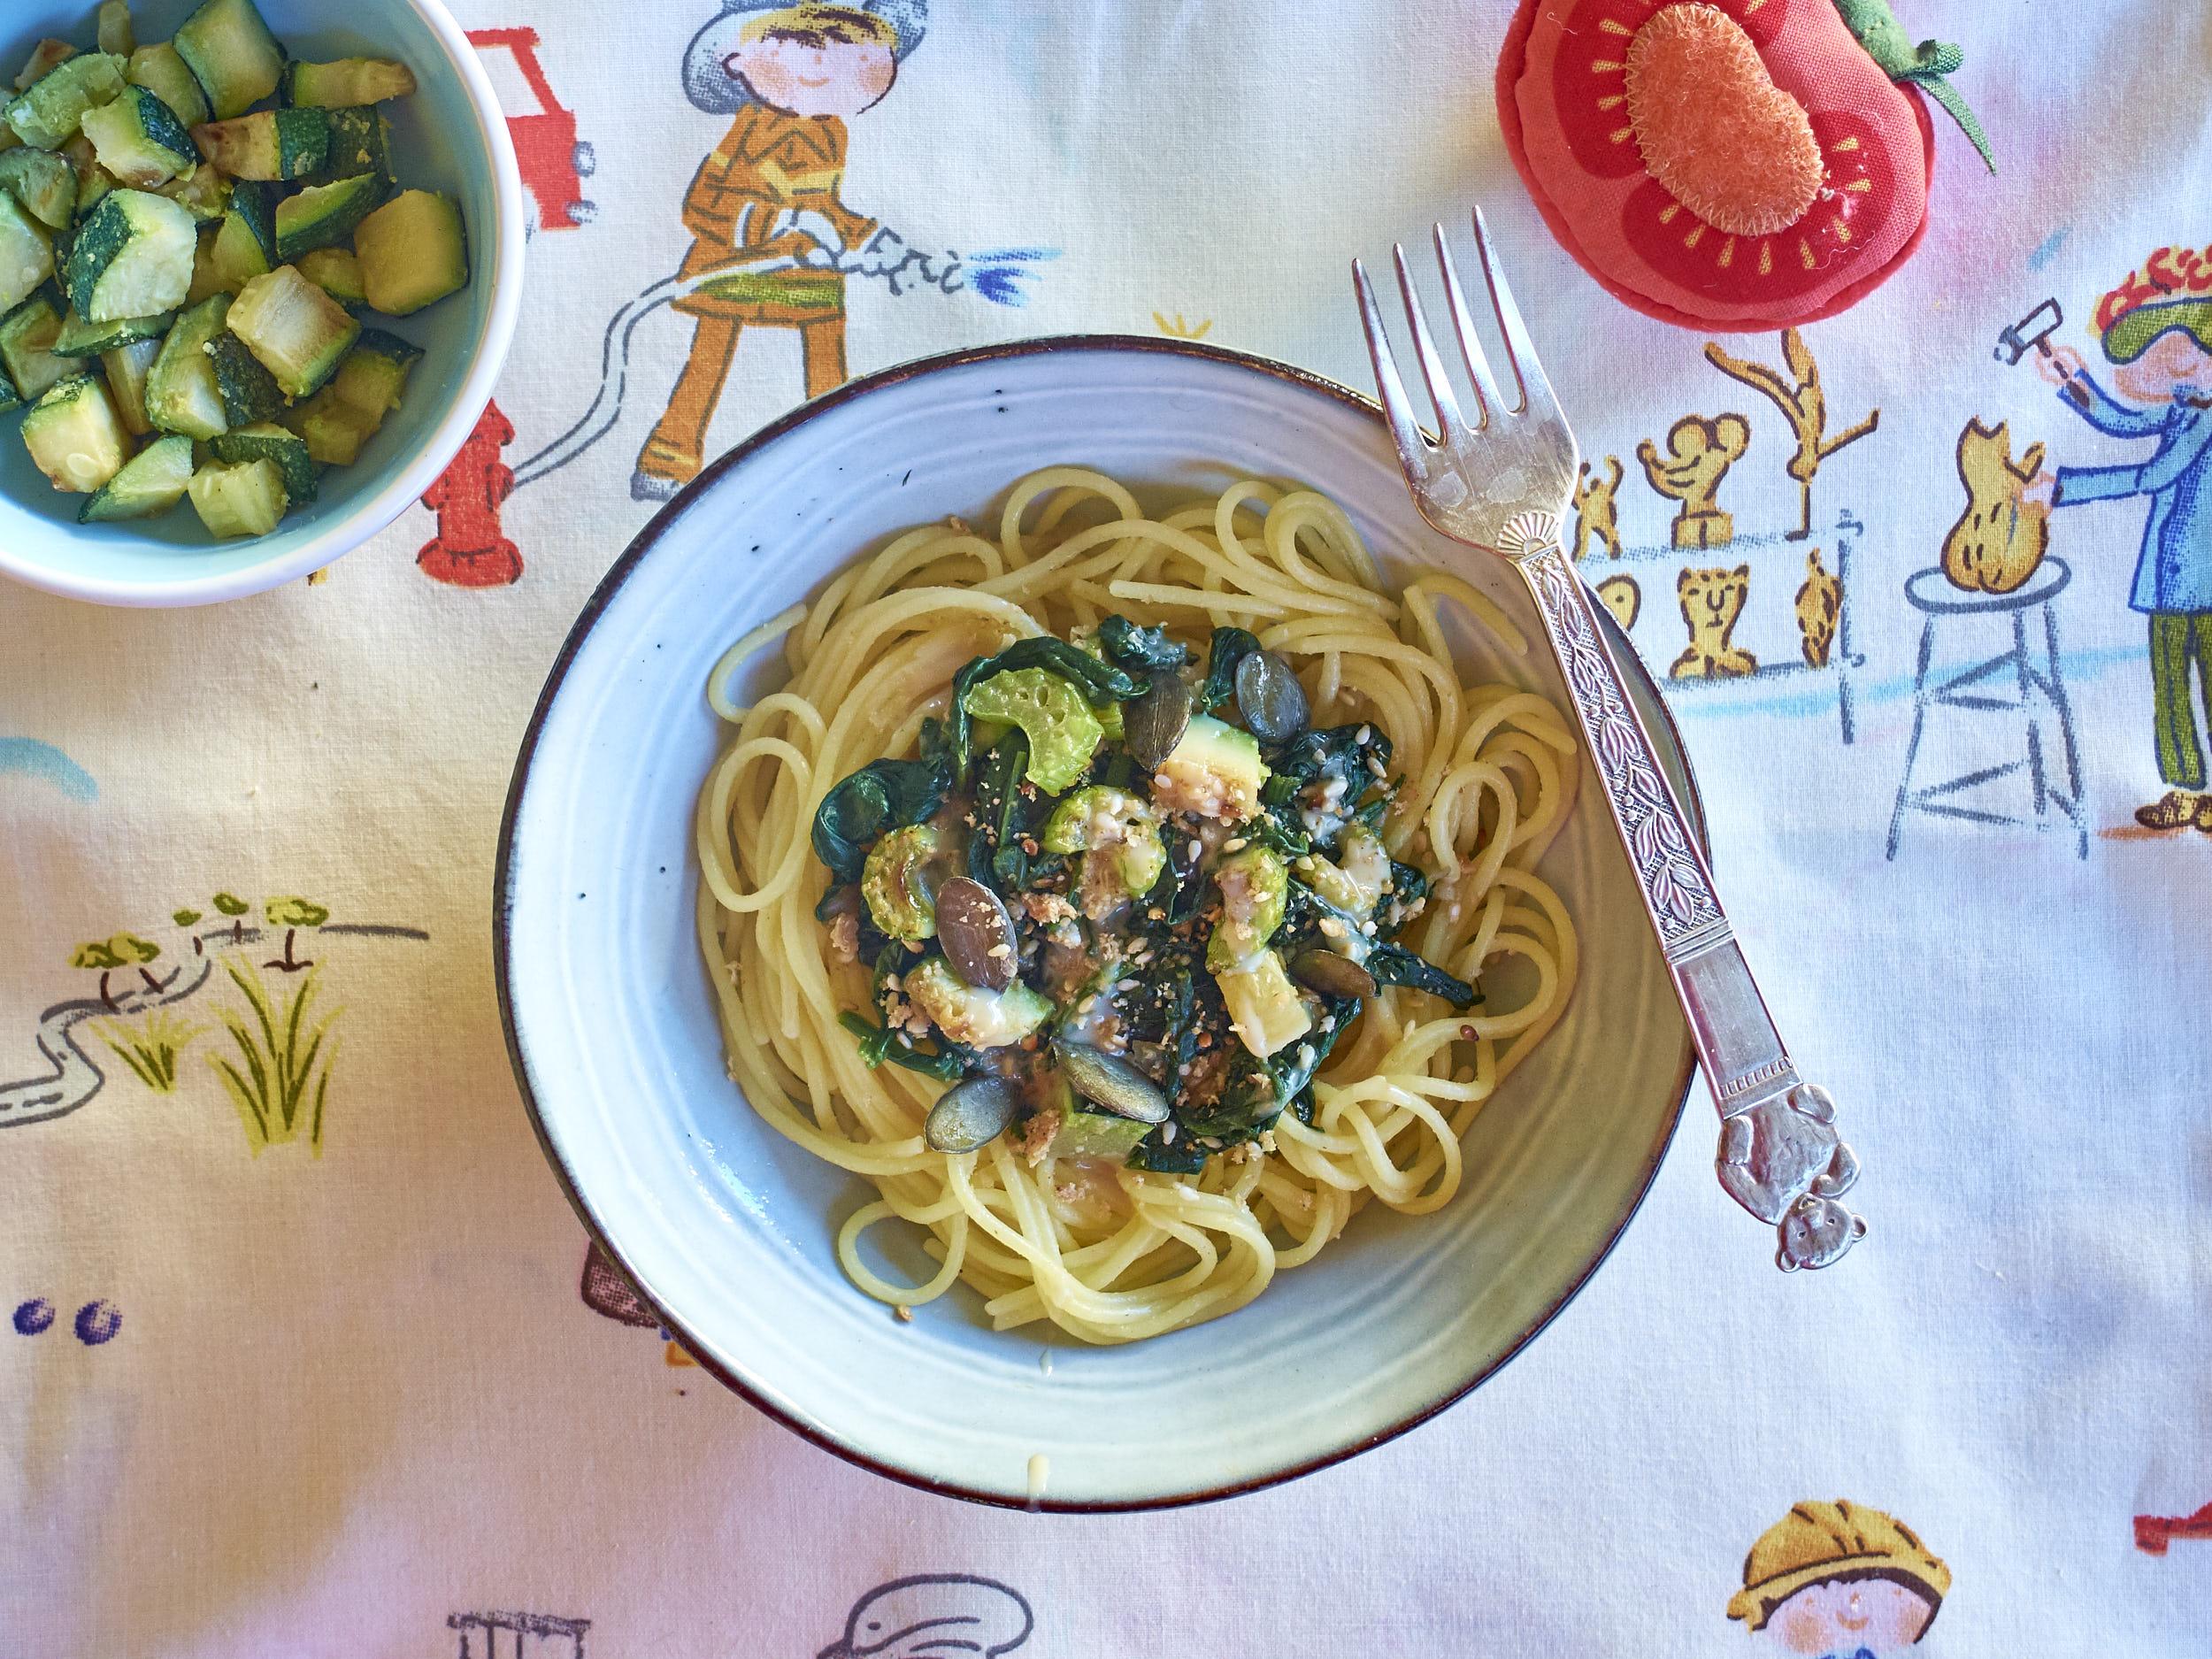 spenot_spagetti05_fin_3.jpg